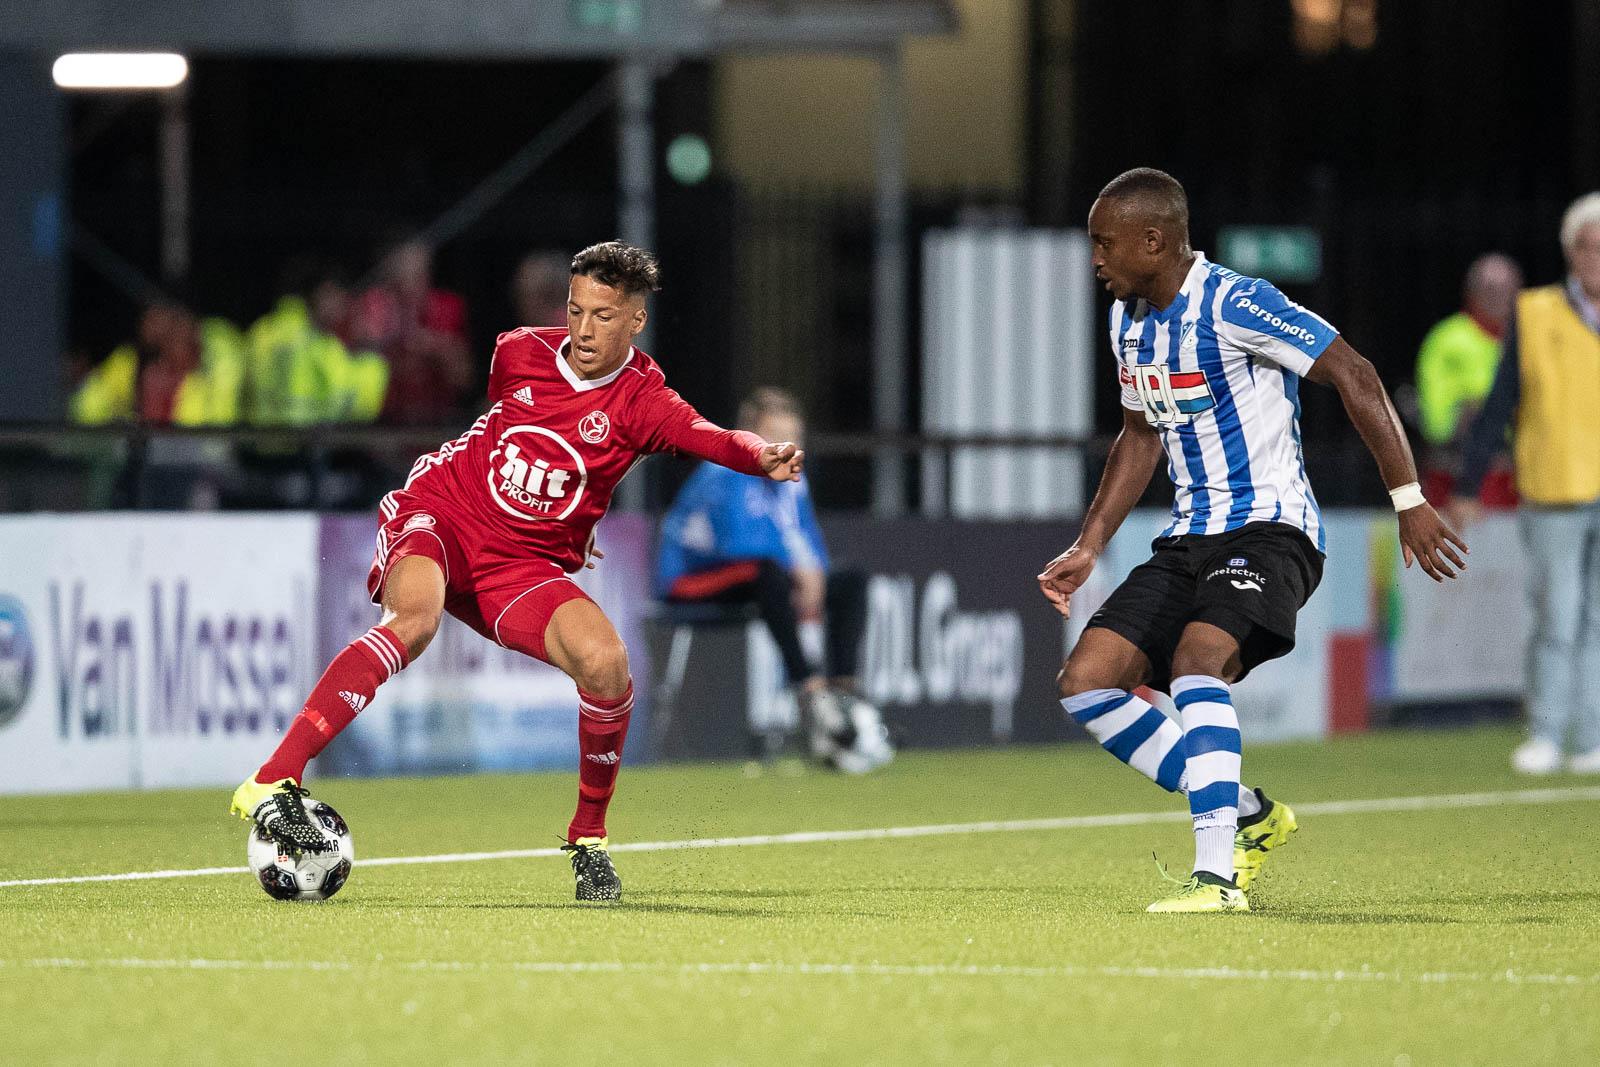 Voorbeschouwing: FC Eindhoven ijzersterk uit winterstop